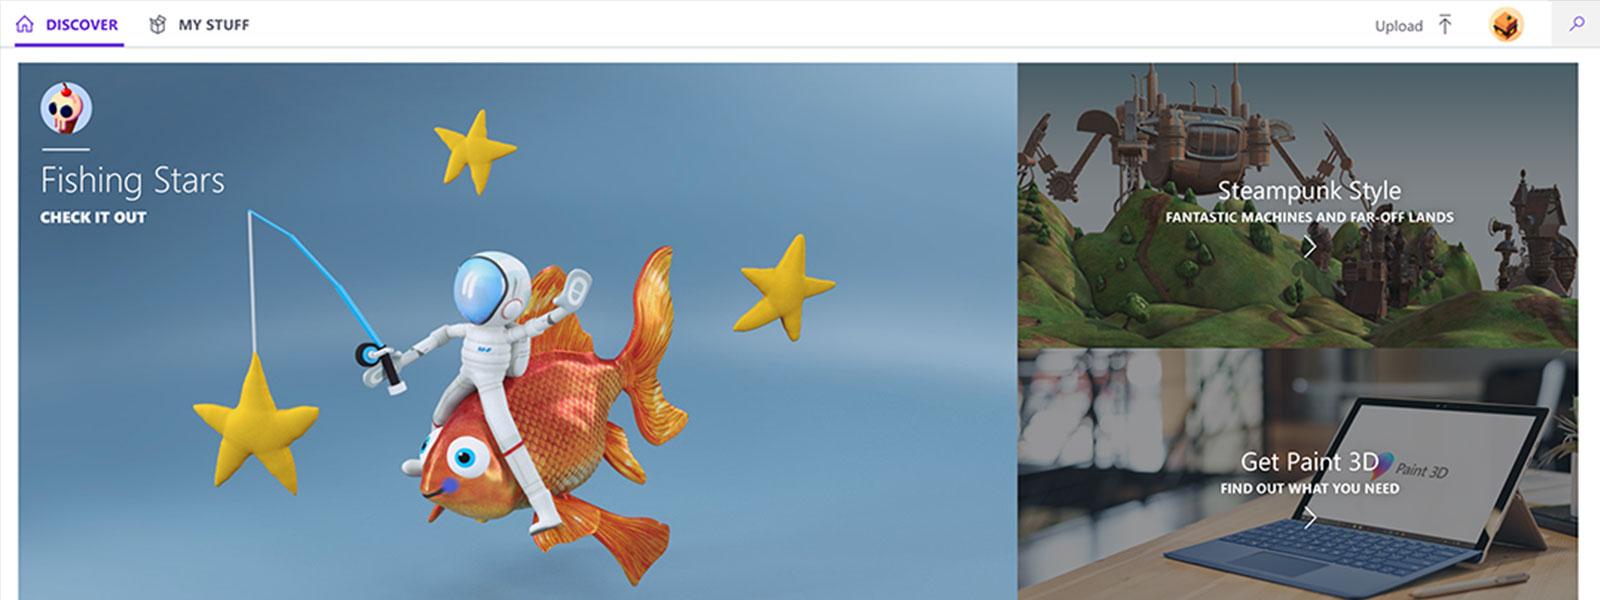 Imagem do Paint 3D do Windows - pesca de estrelas